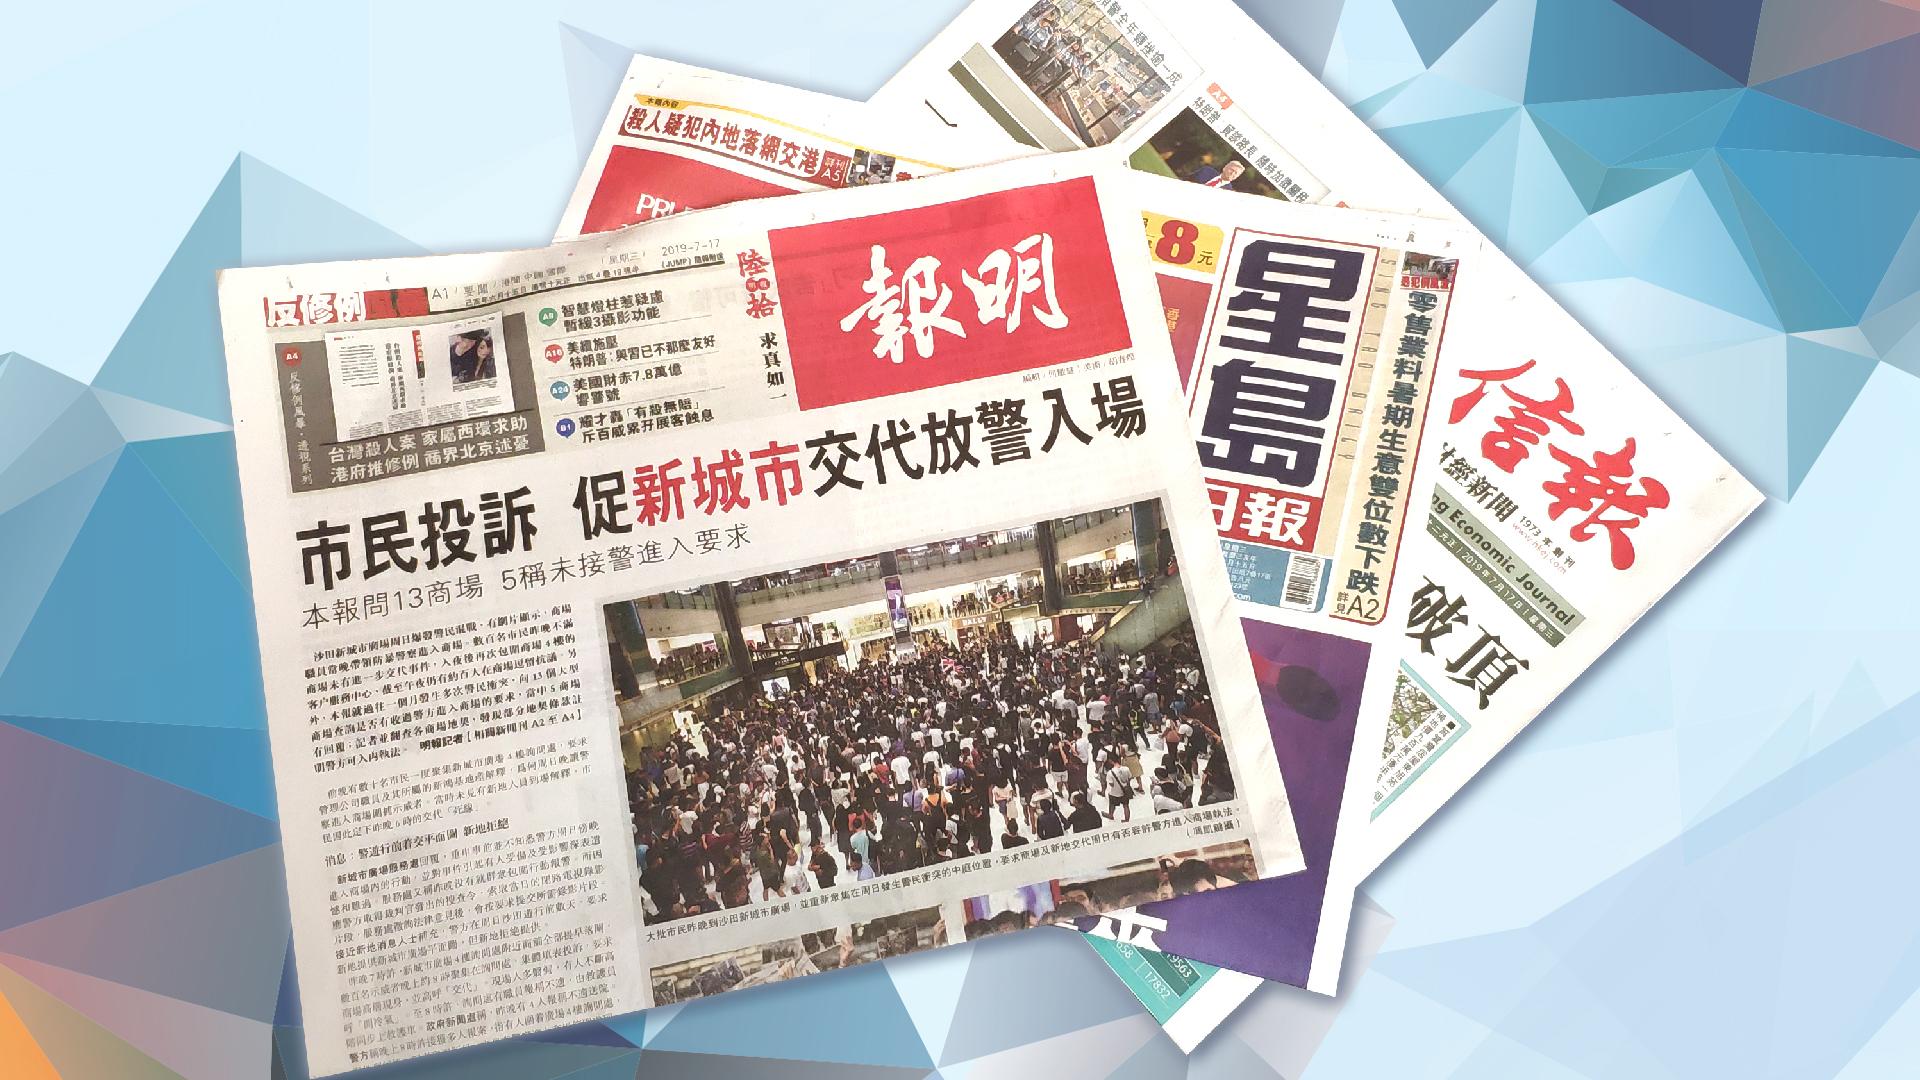 【報章A1速覽】市民投訴 促新城市廣場交代放警入場;零售業料暑期生意雙位數下跌